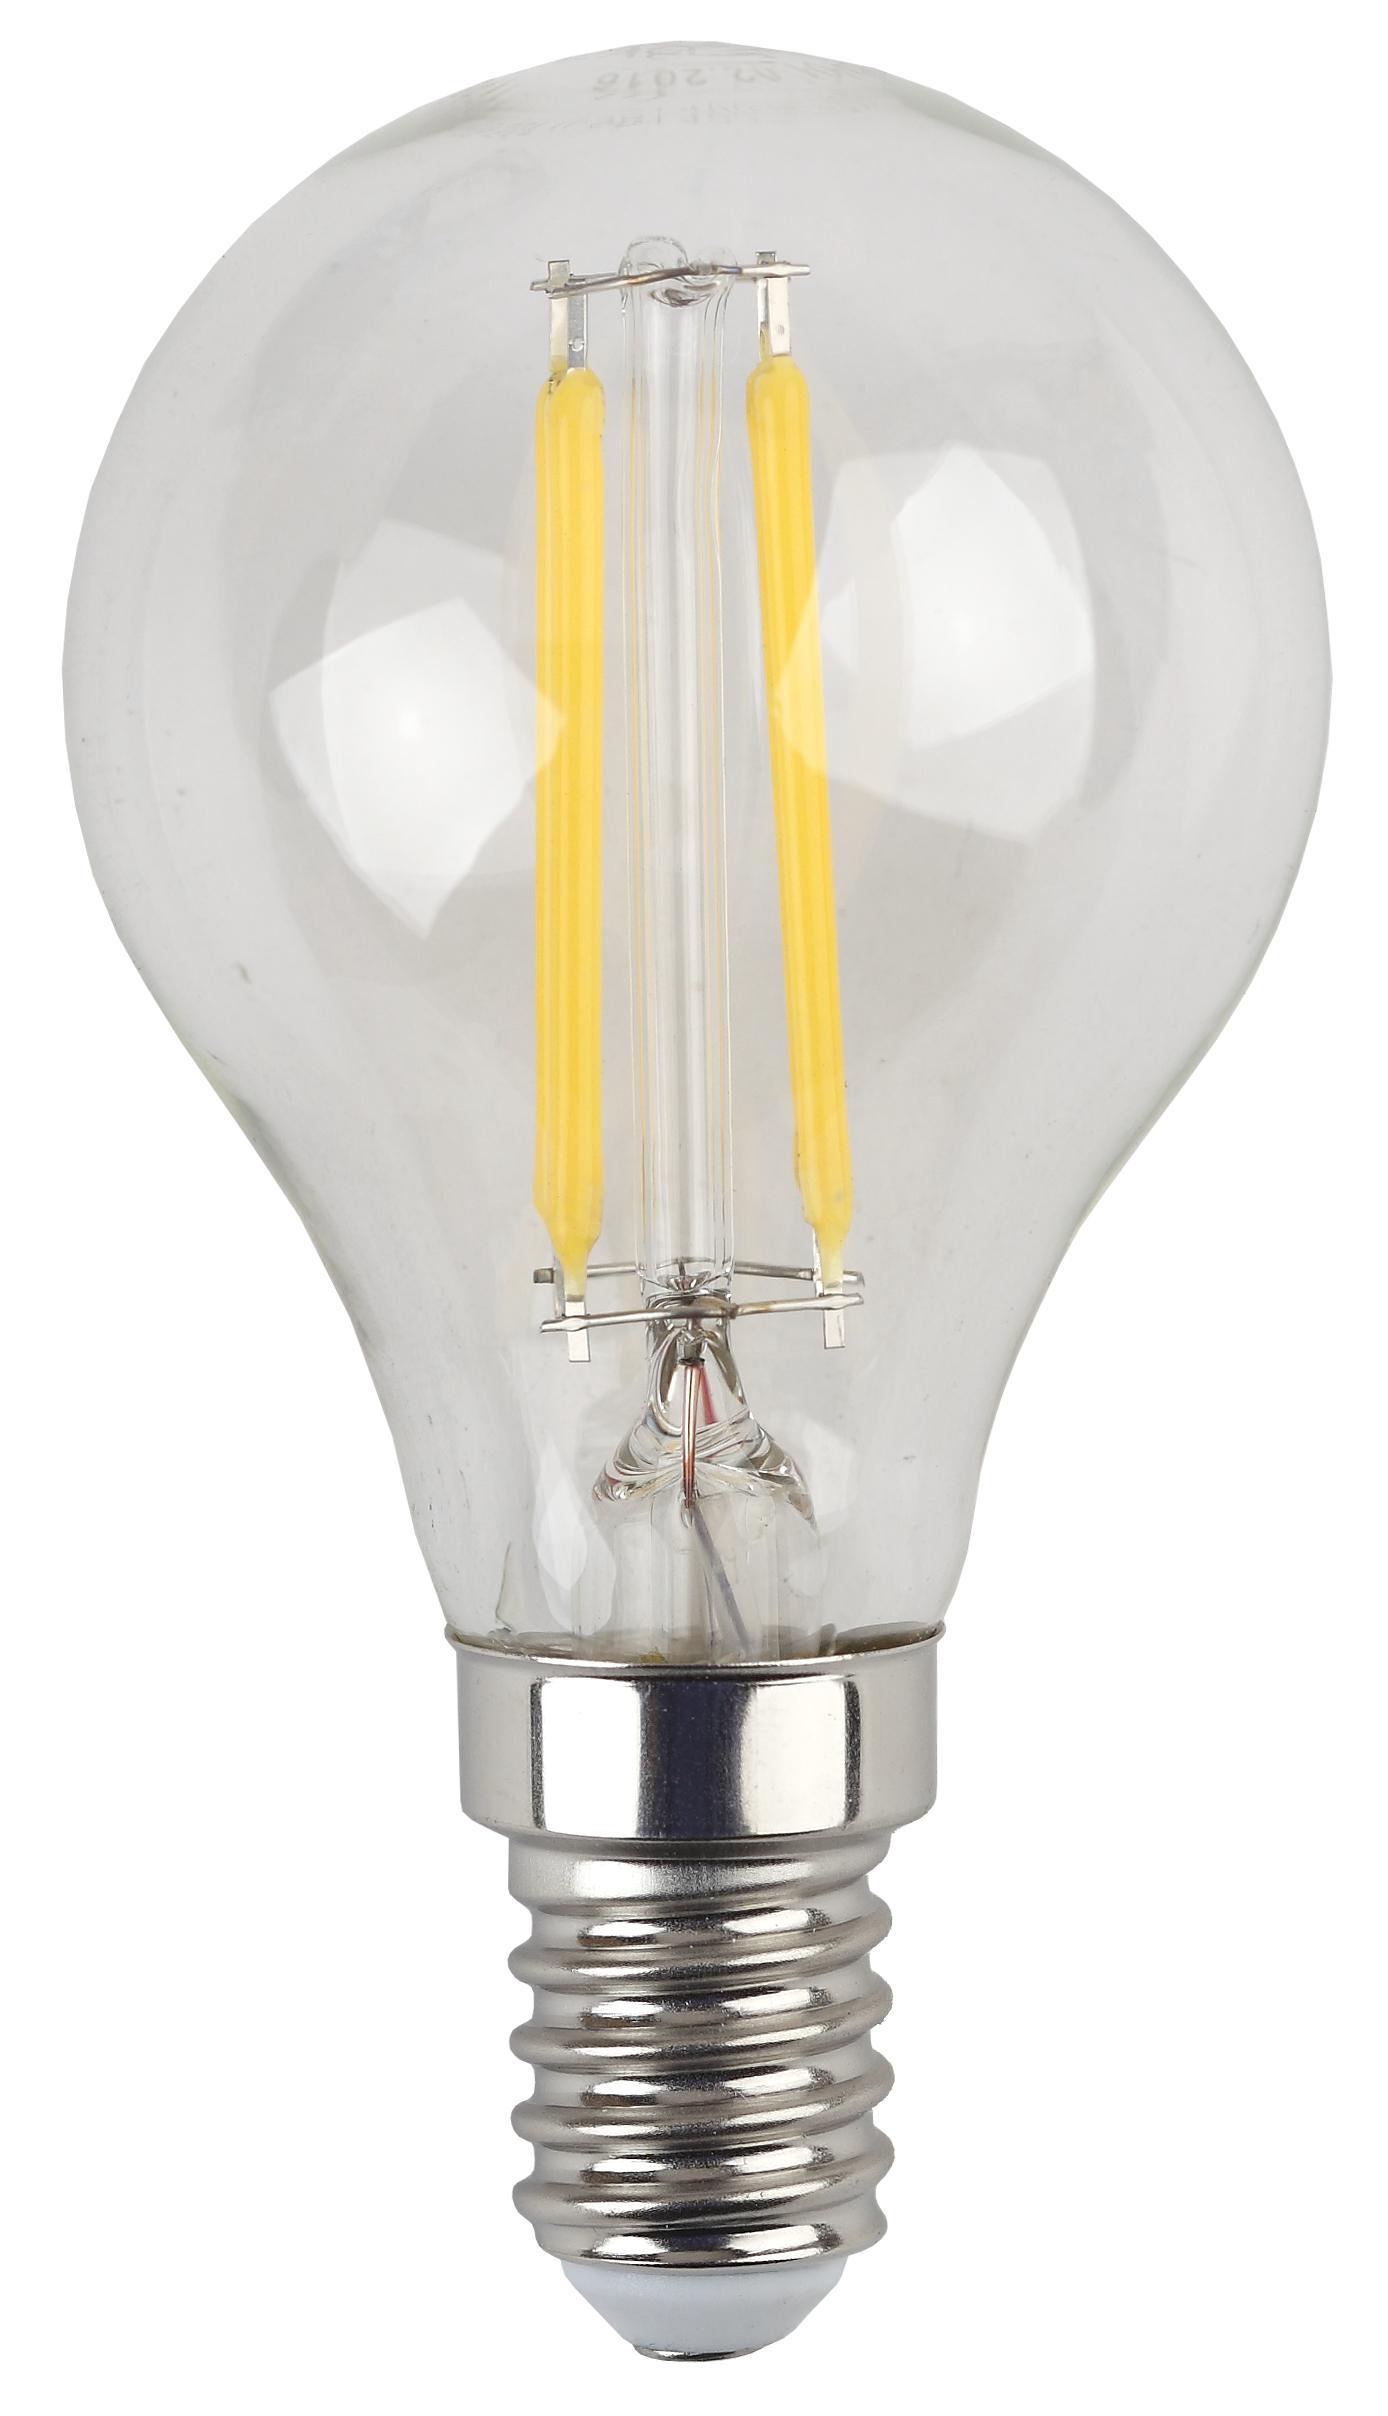 Лампа светодиодная ЭРА F-led Р45-5w-827-e14